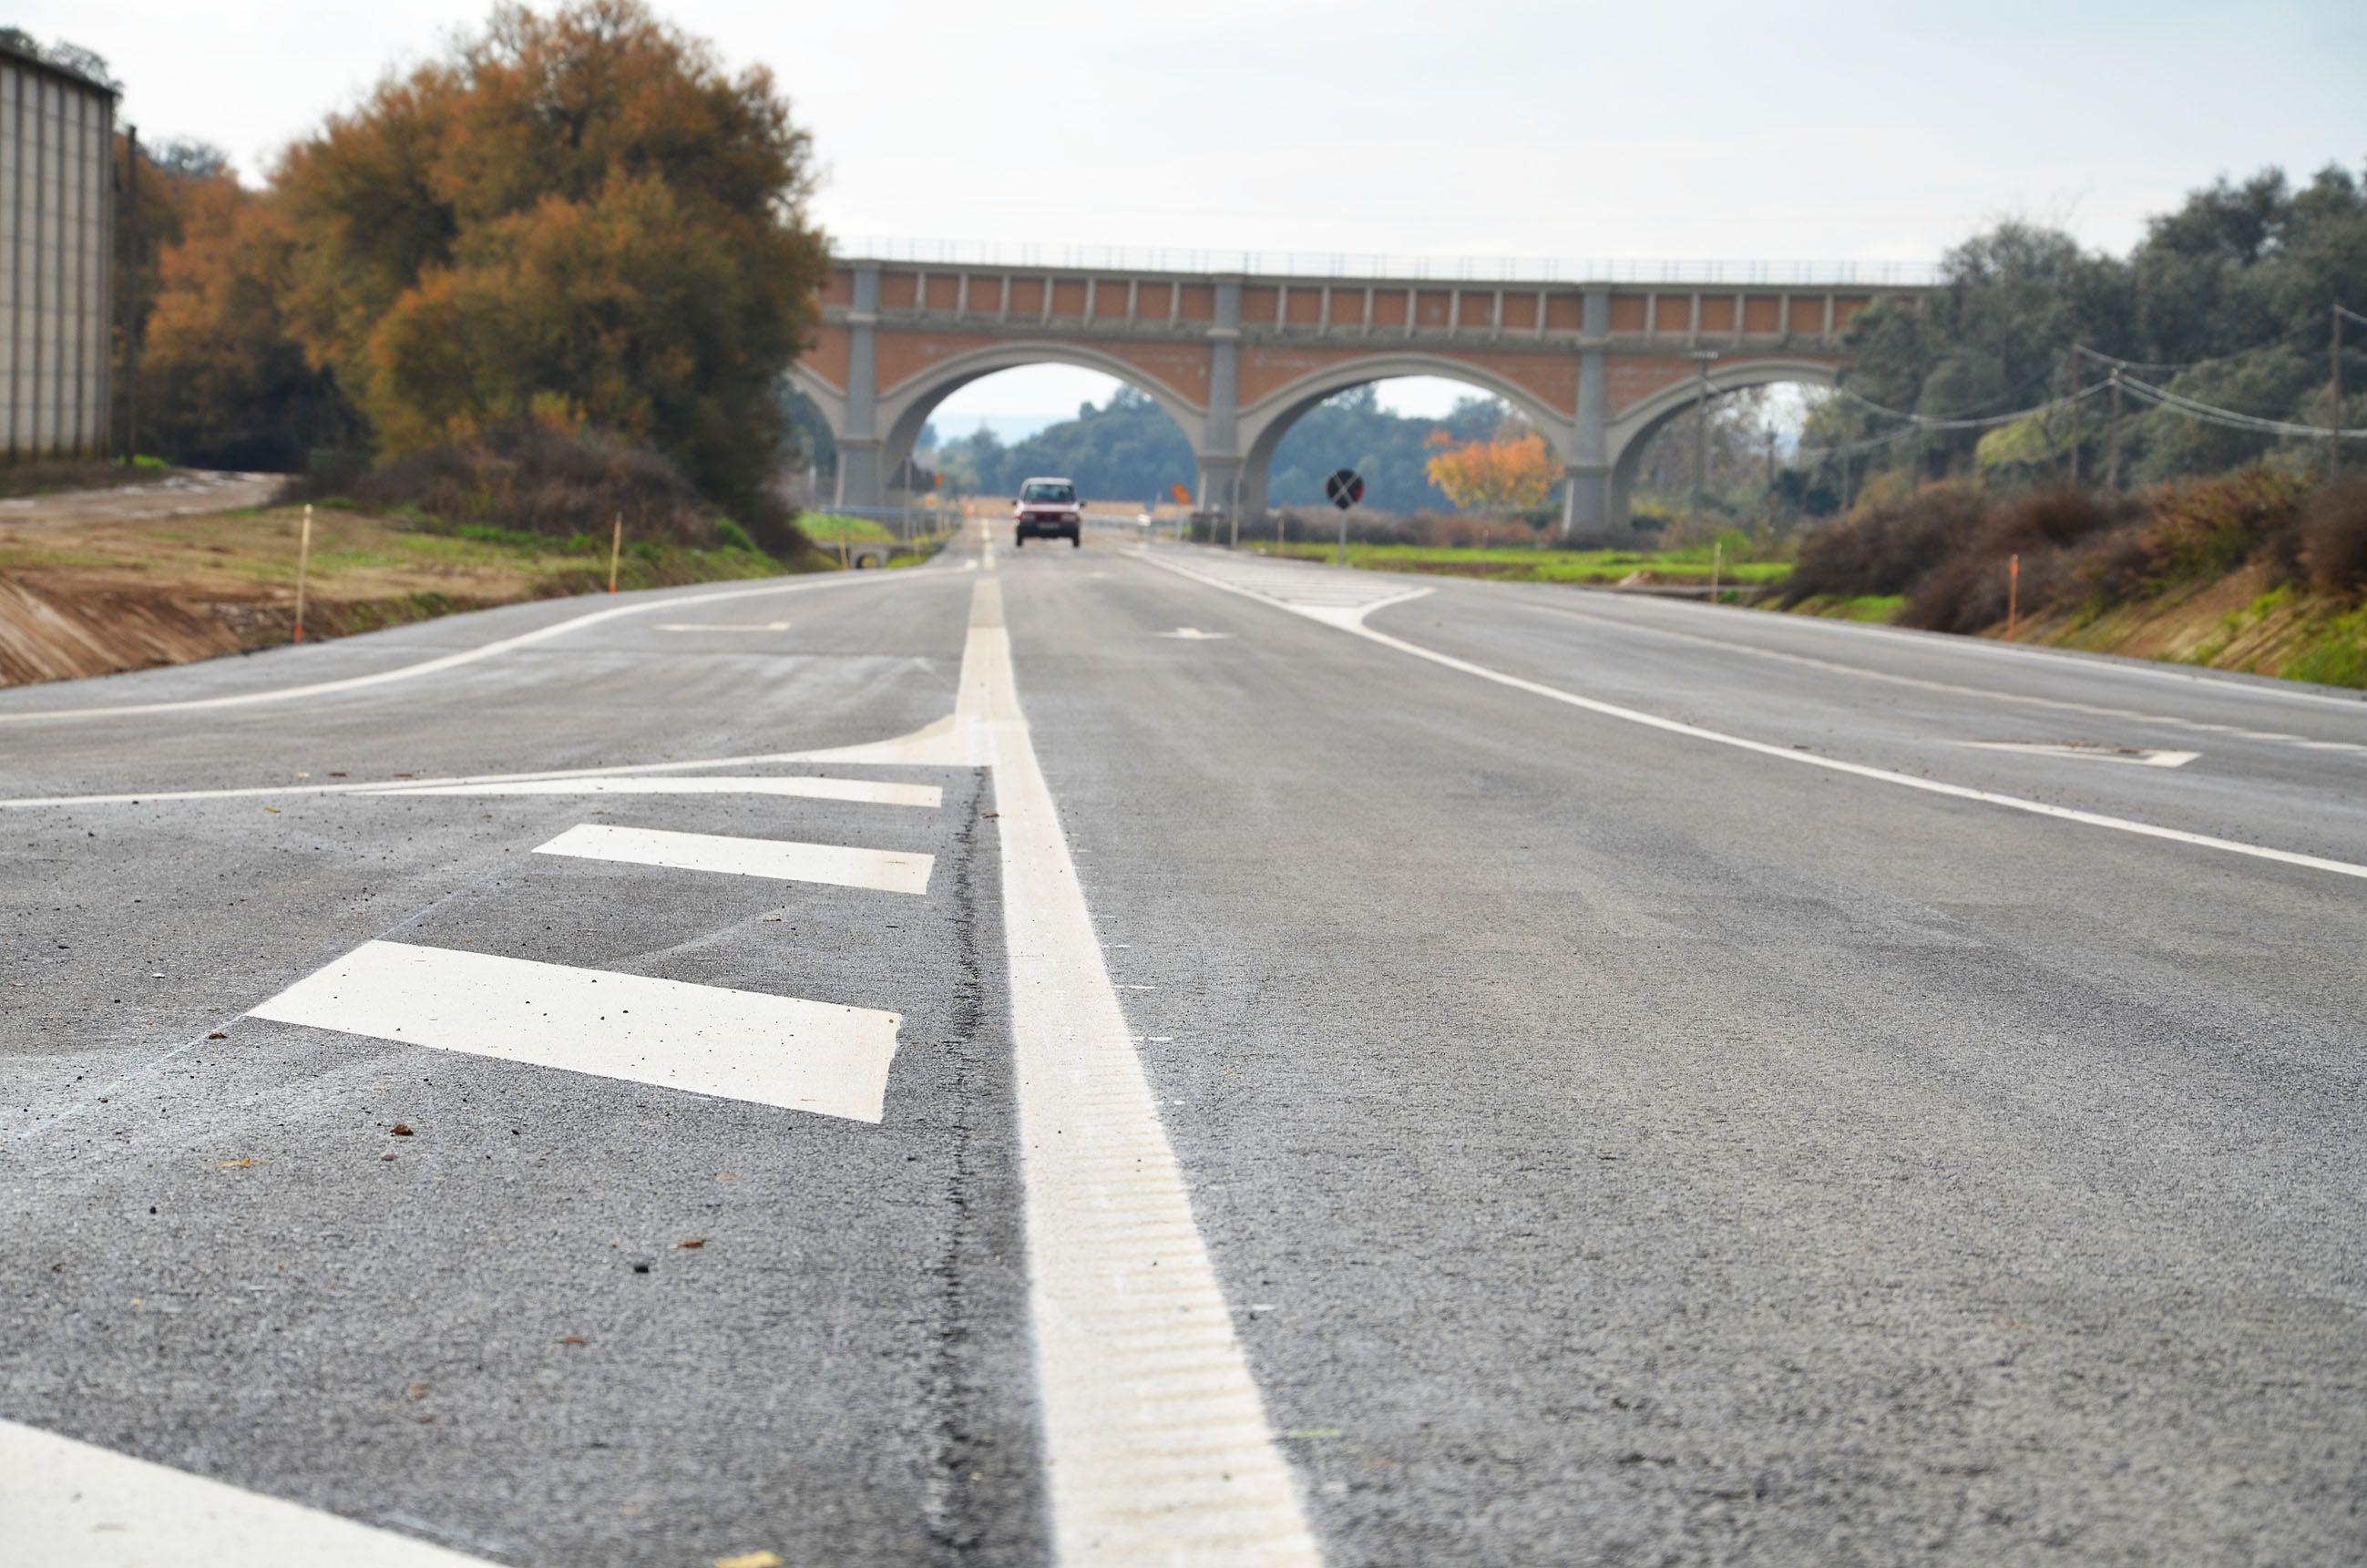 La carretera Binéfar-San Esteban presenta numerosas deformaciones en el piso